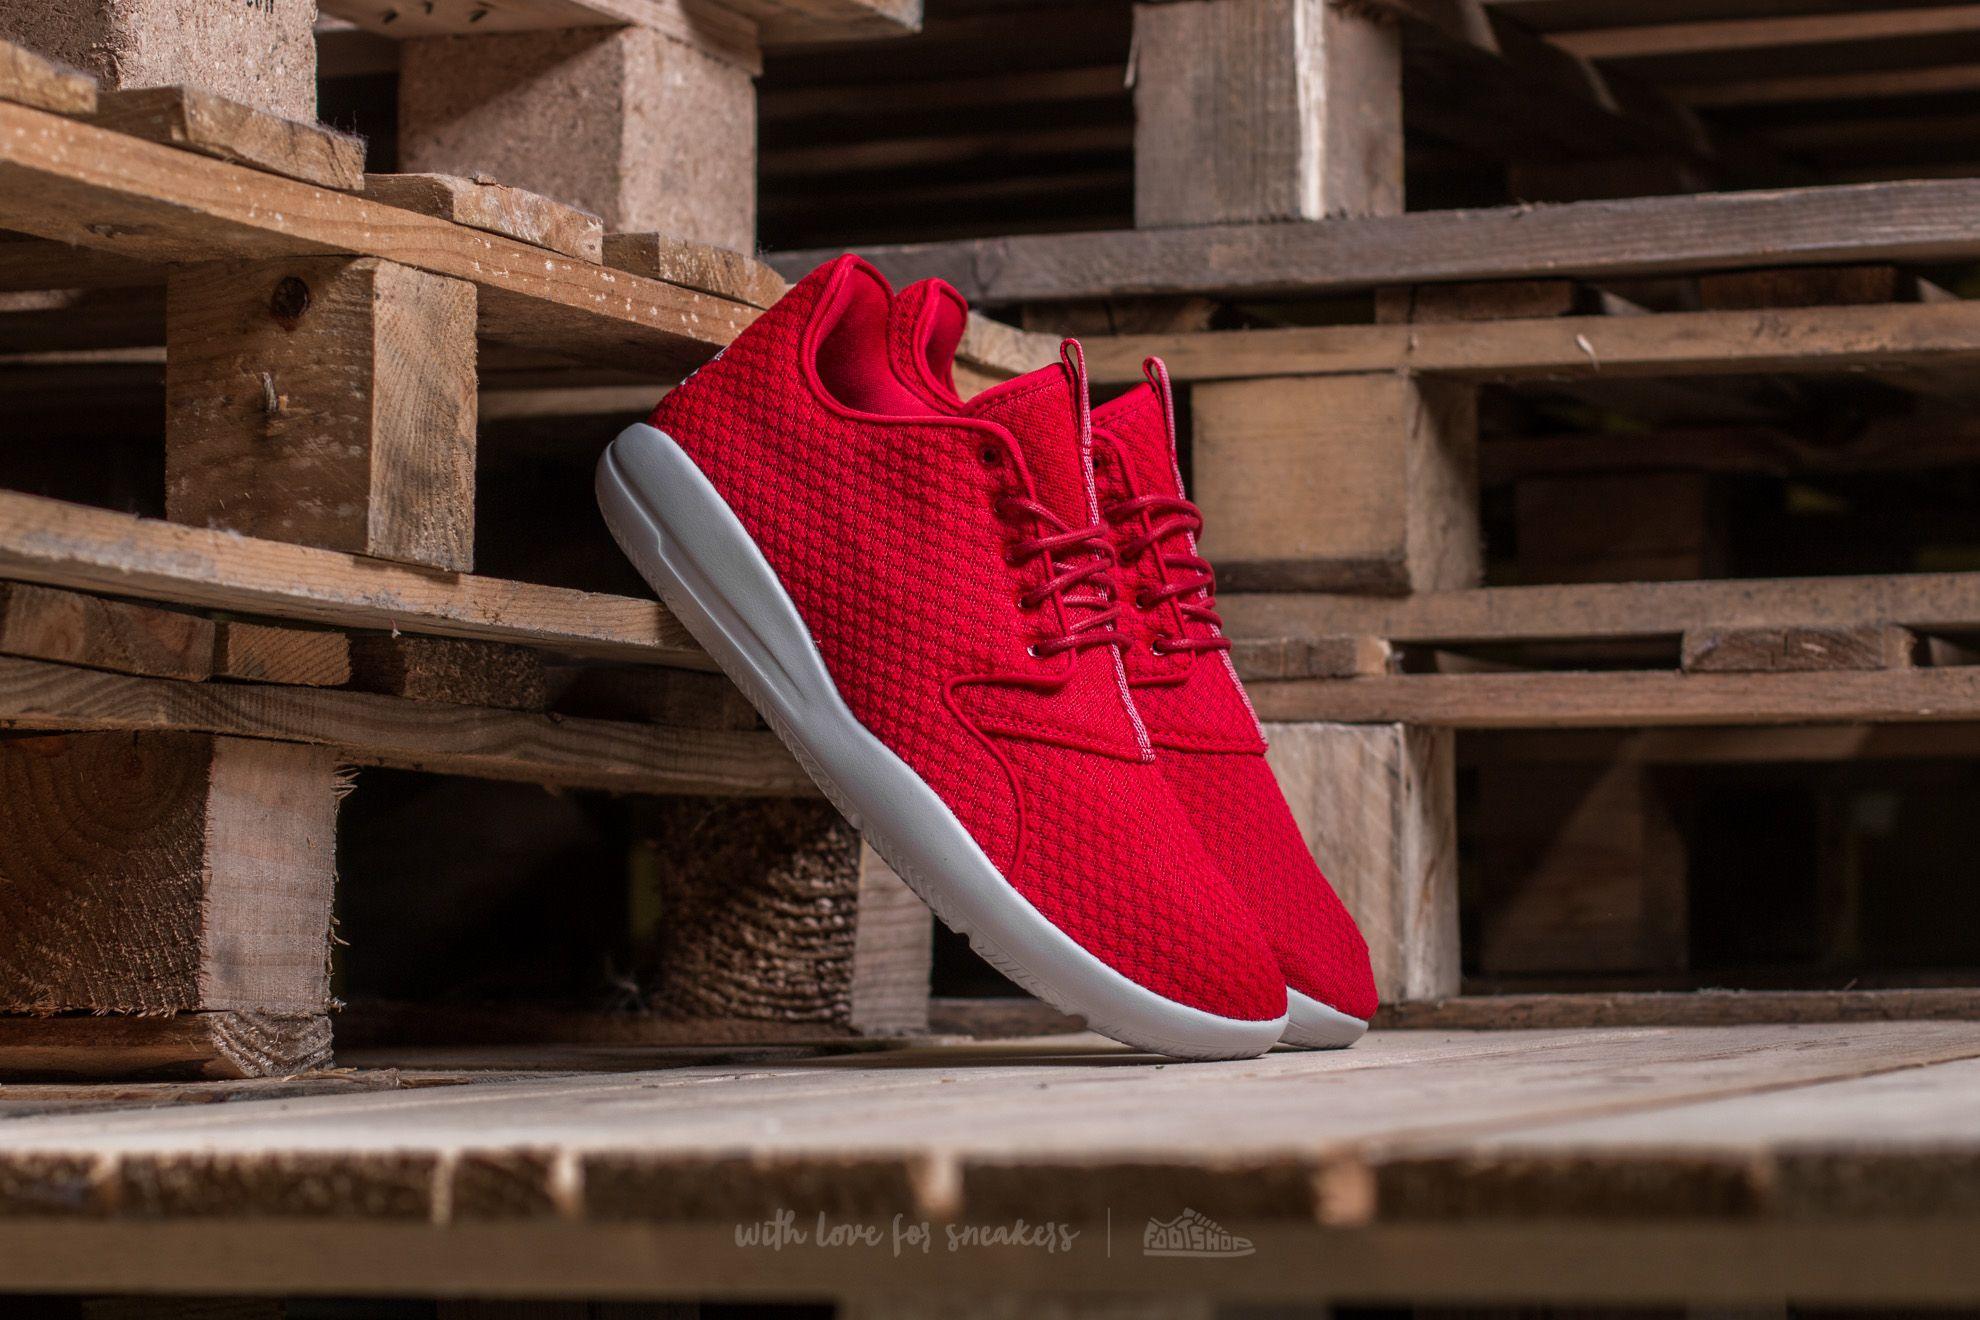 árnyalatai 50% ár olcsó eladó Jordan Eclipse Gym Red/ Wolf Grey   Footshop